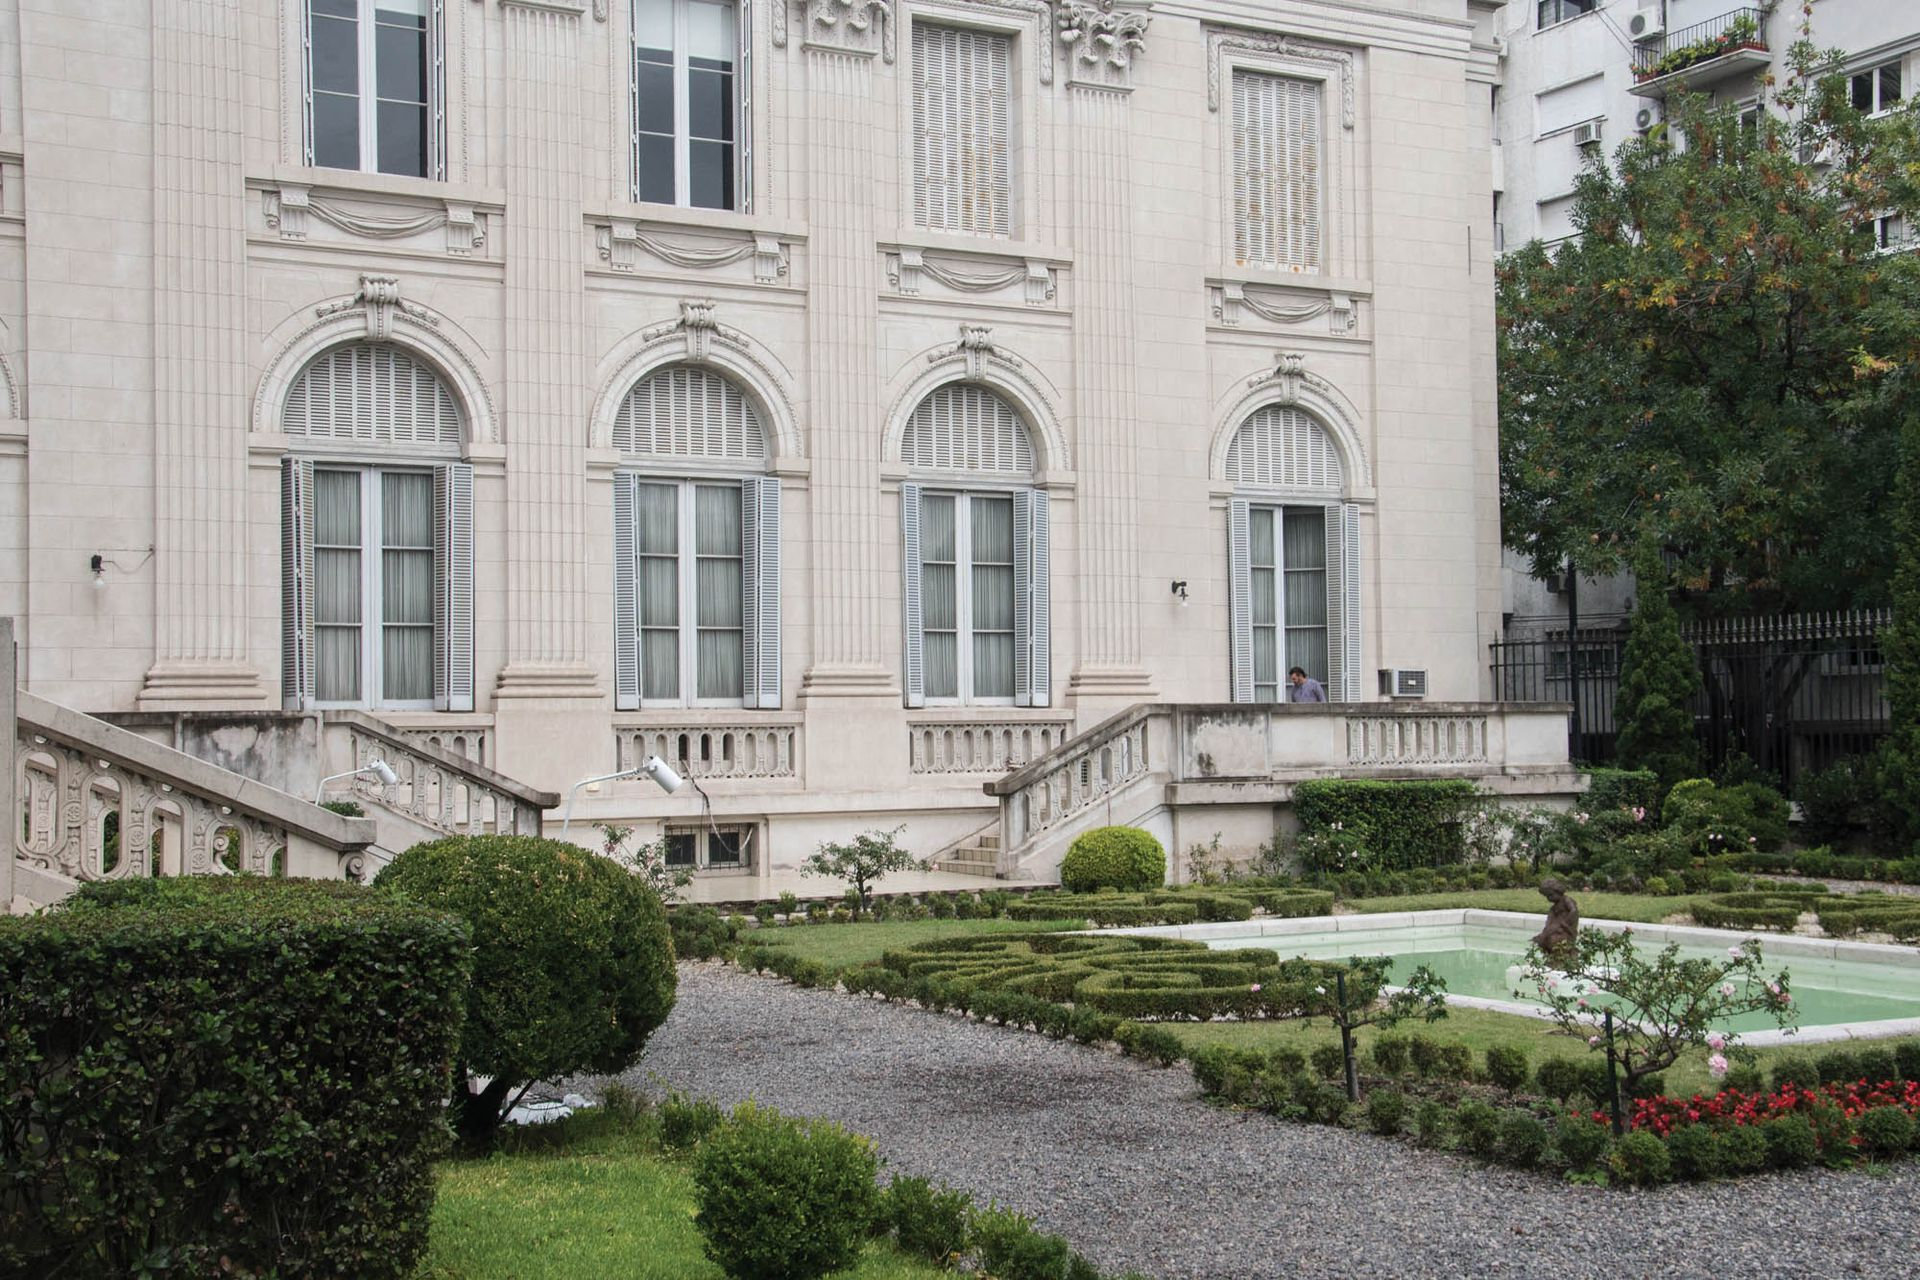 El jardín con estilo francés del Museo de Arte Decorativo se puede visitar de forma gratuita con cita previa.